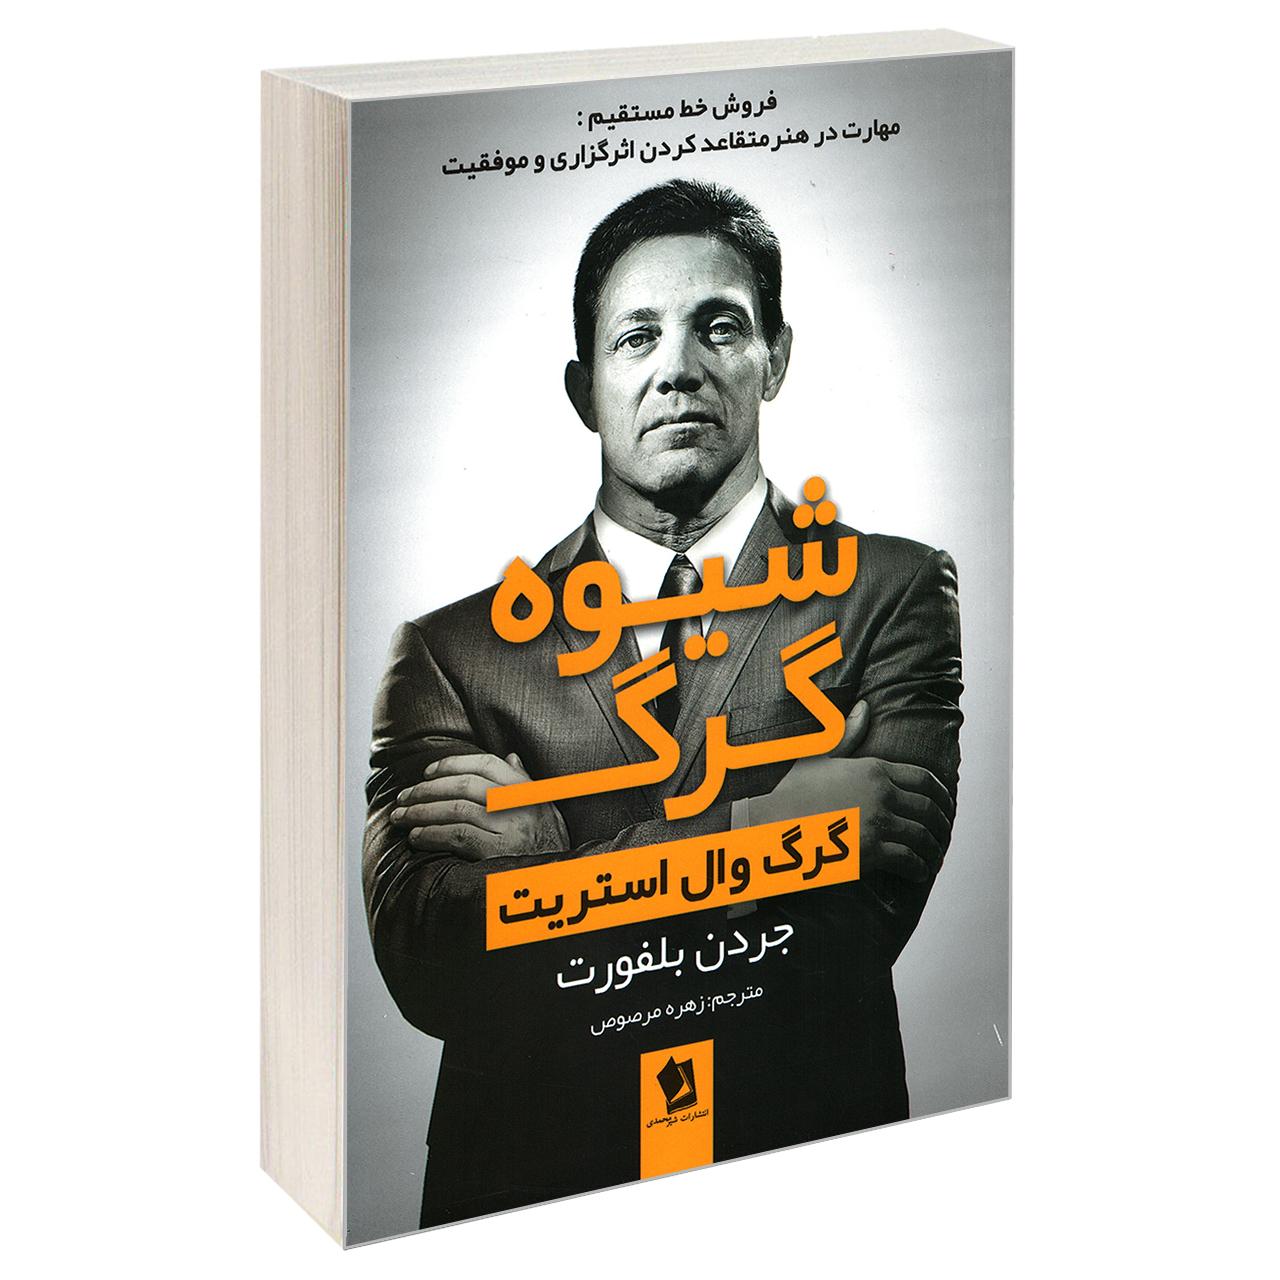 خرید                      کتاب شیوه گرگ اثر جردن بلفورت انتشارات  شیرمحمدی